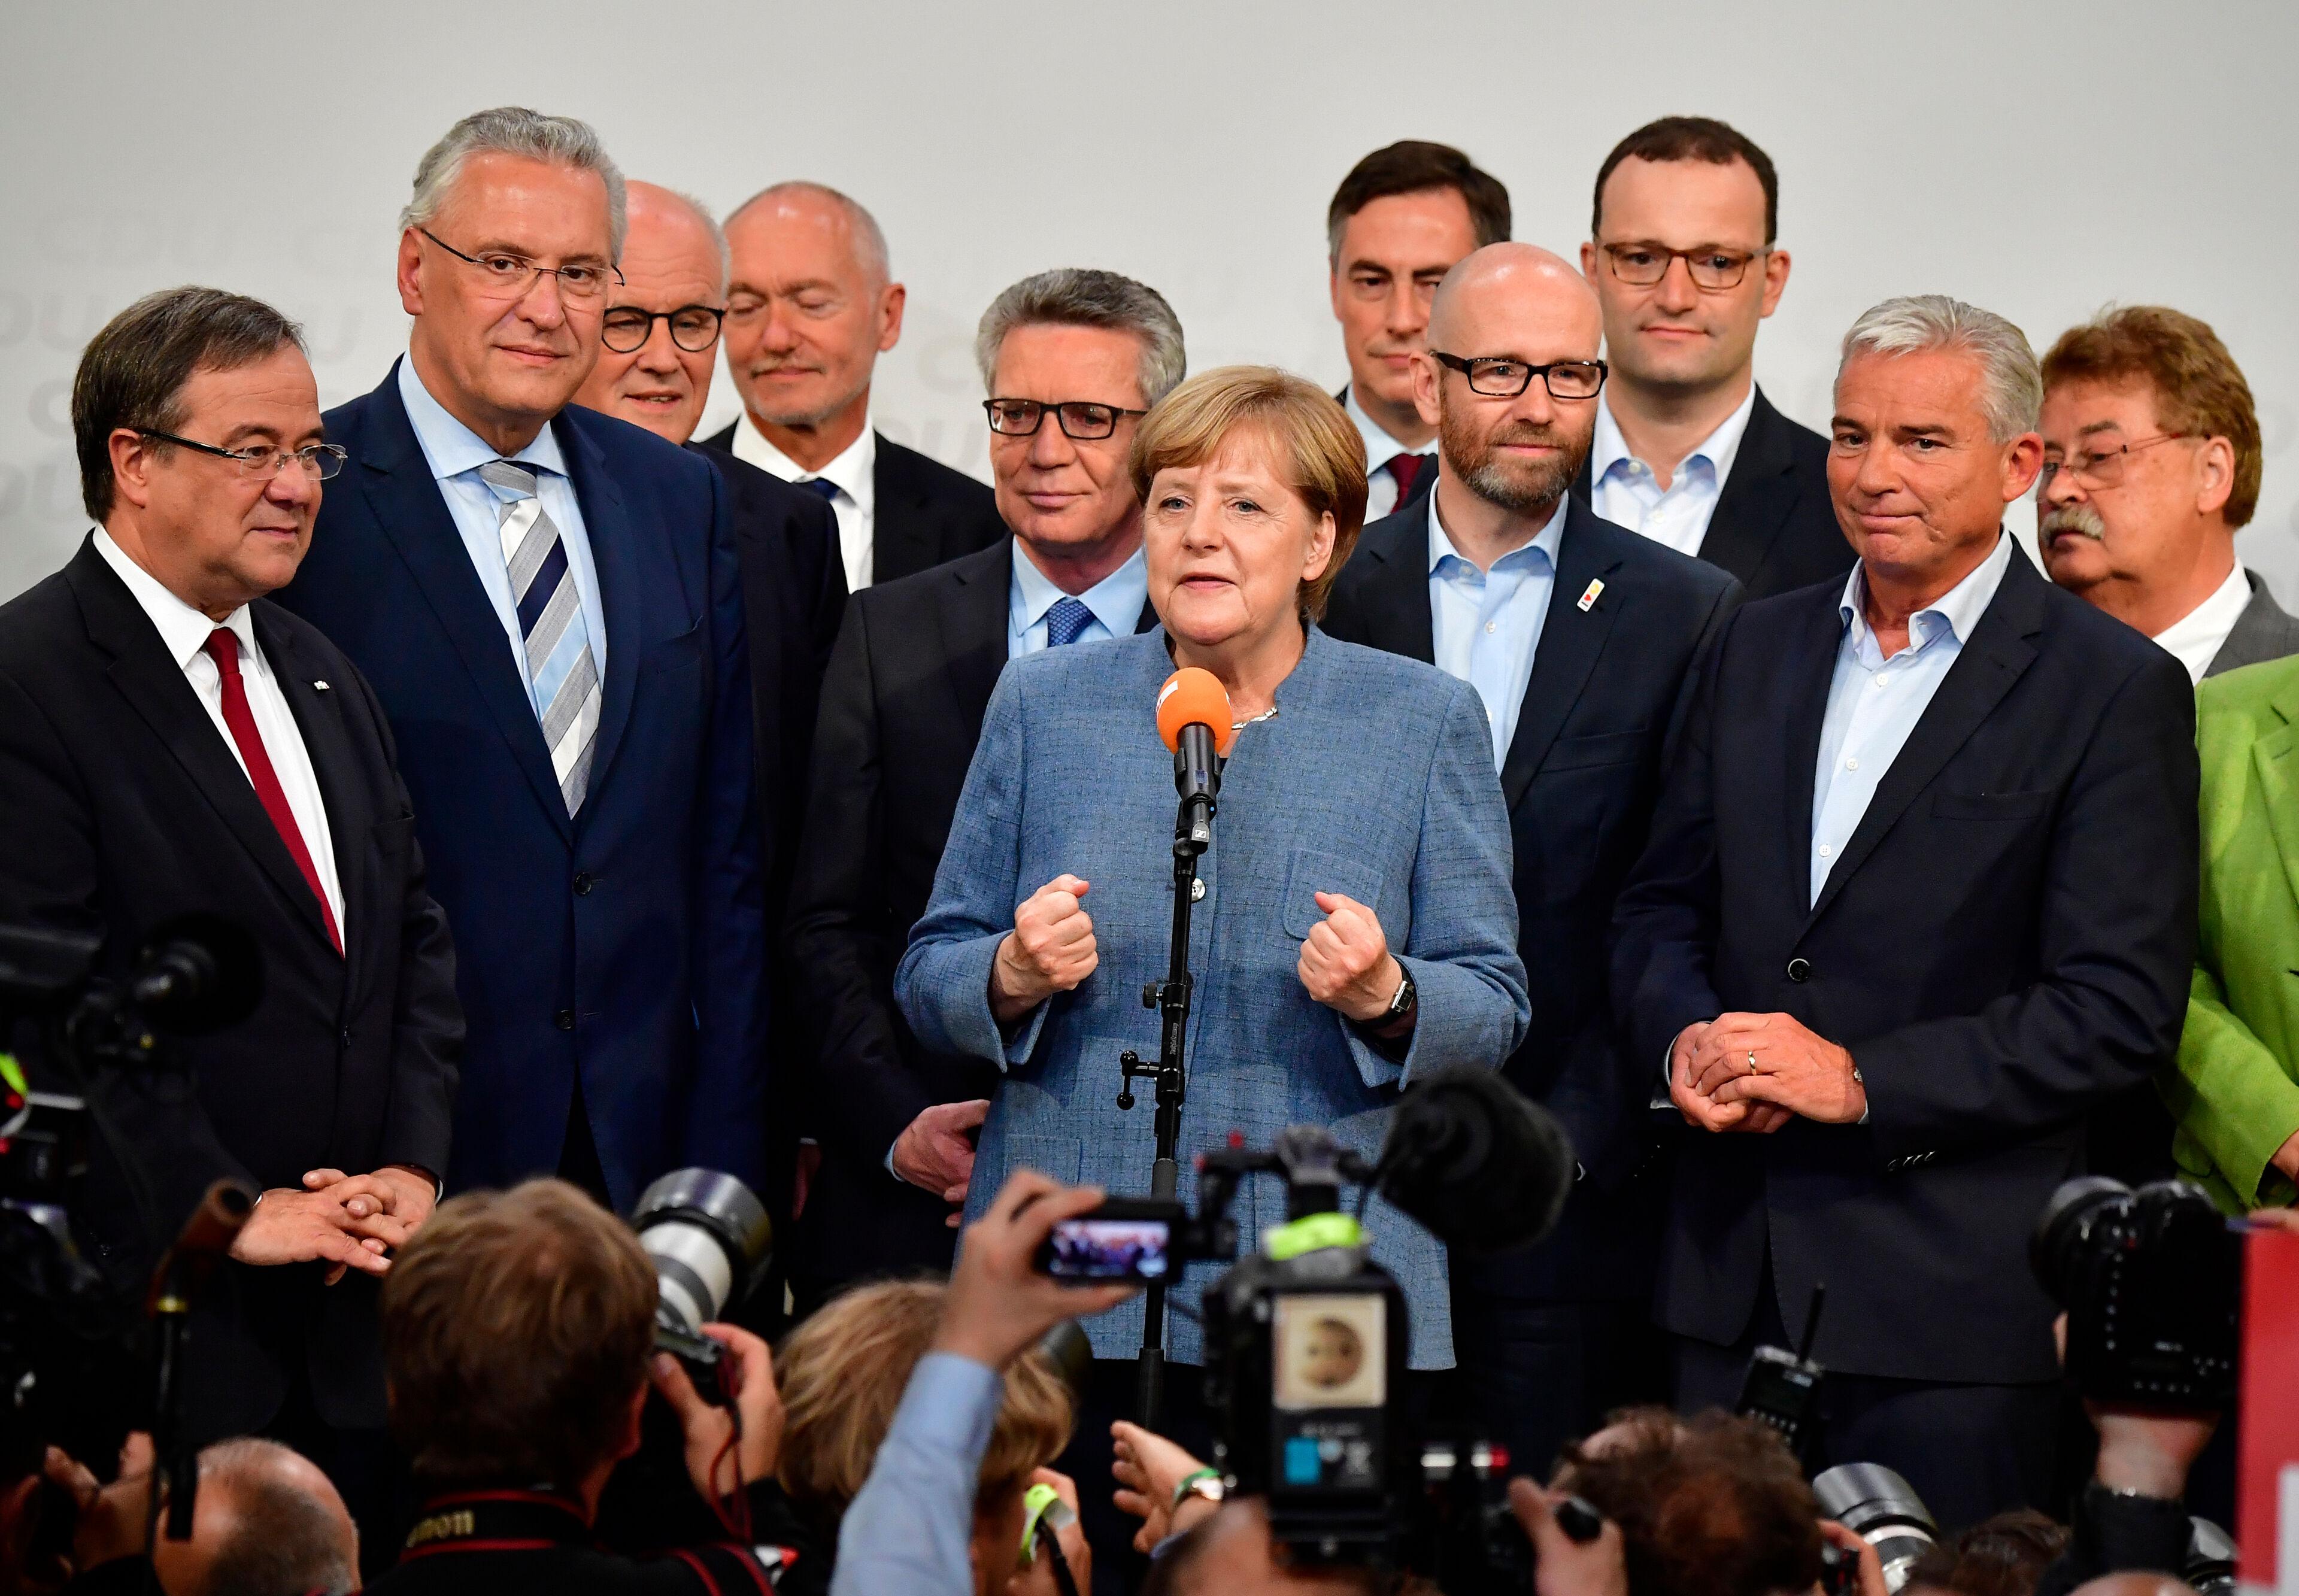 Hoe moet het nu verder in Duitsland?